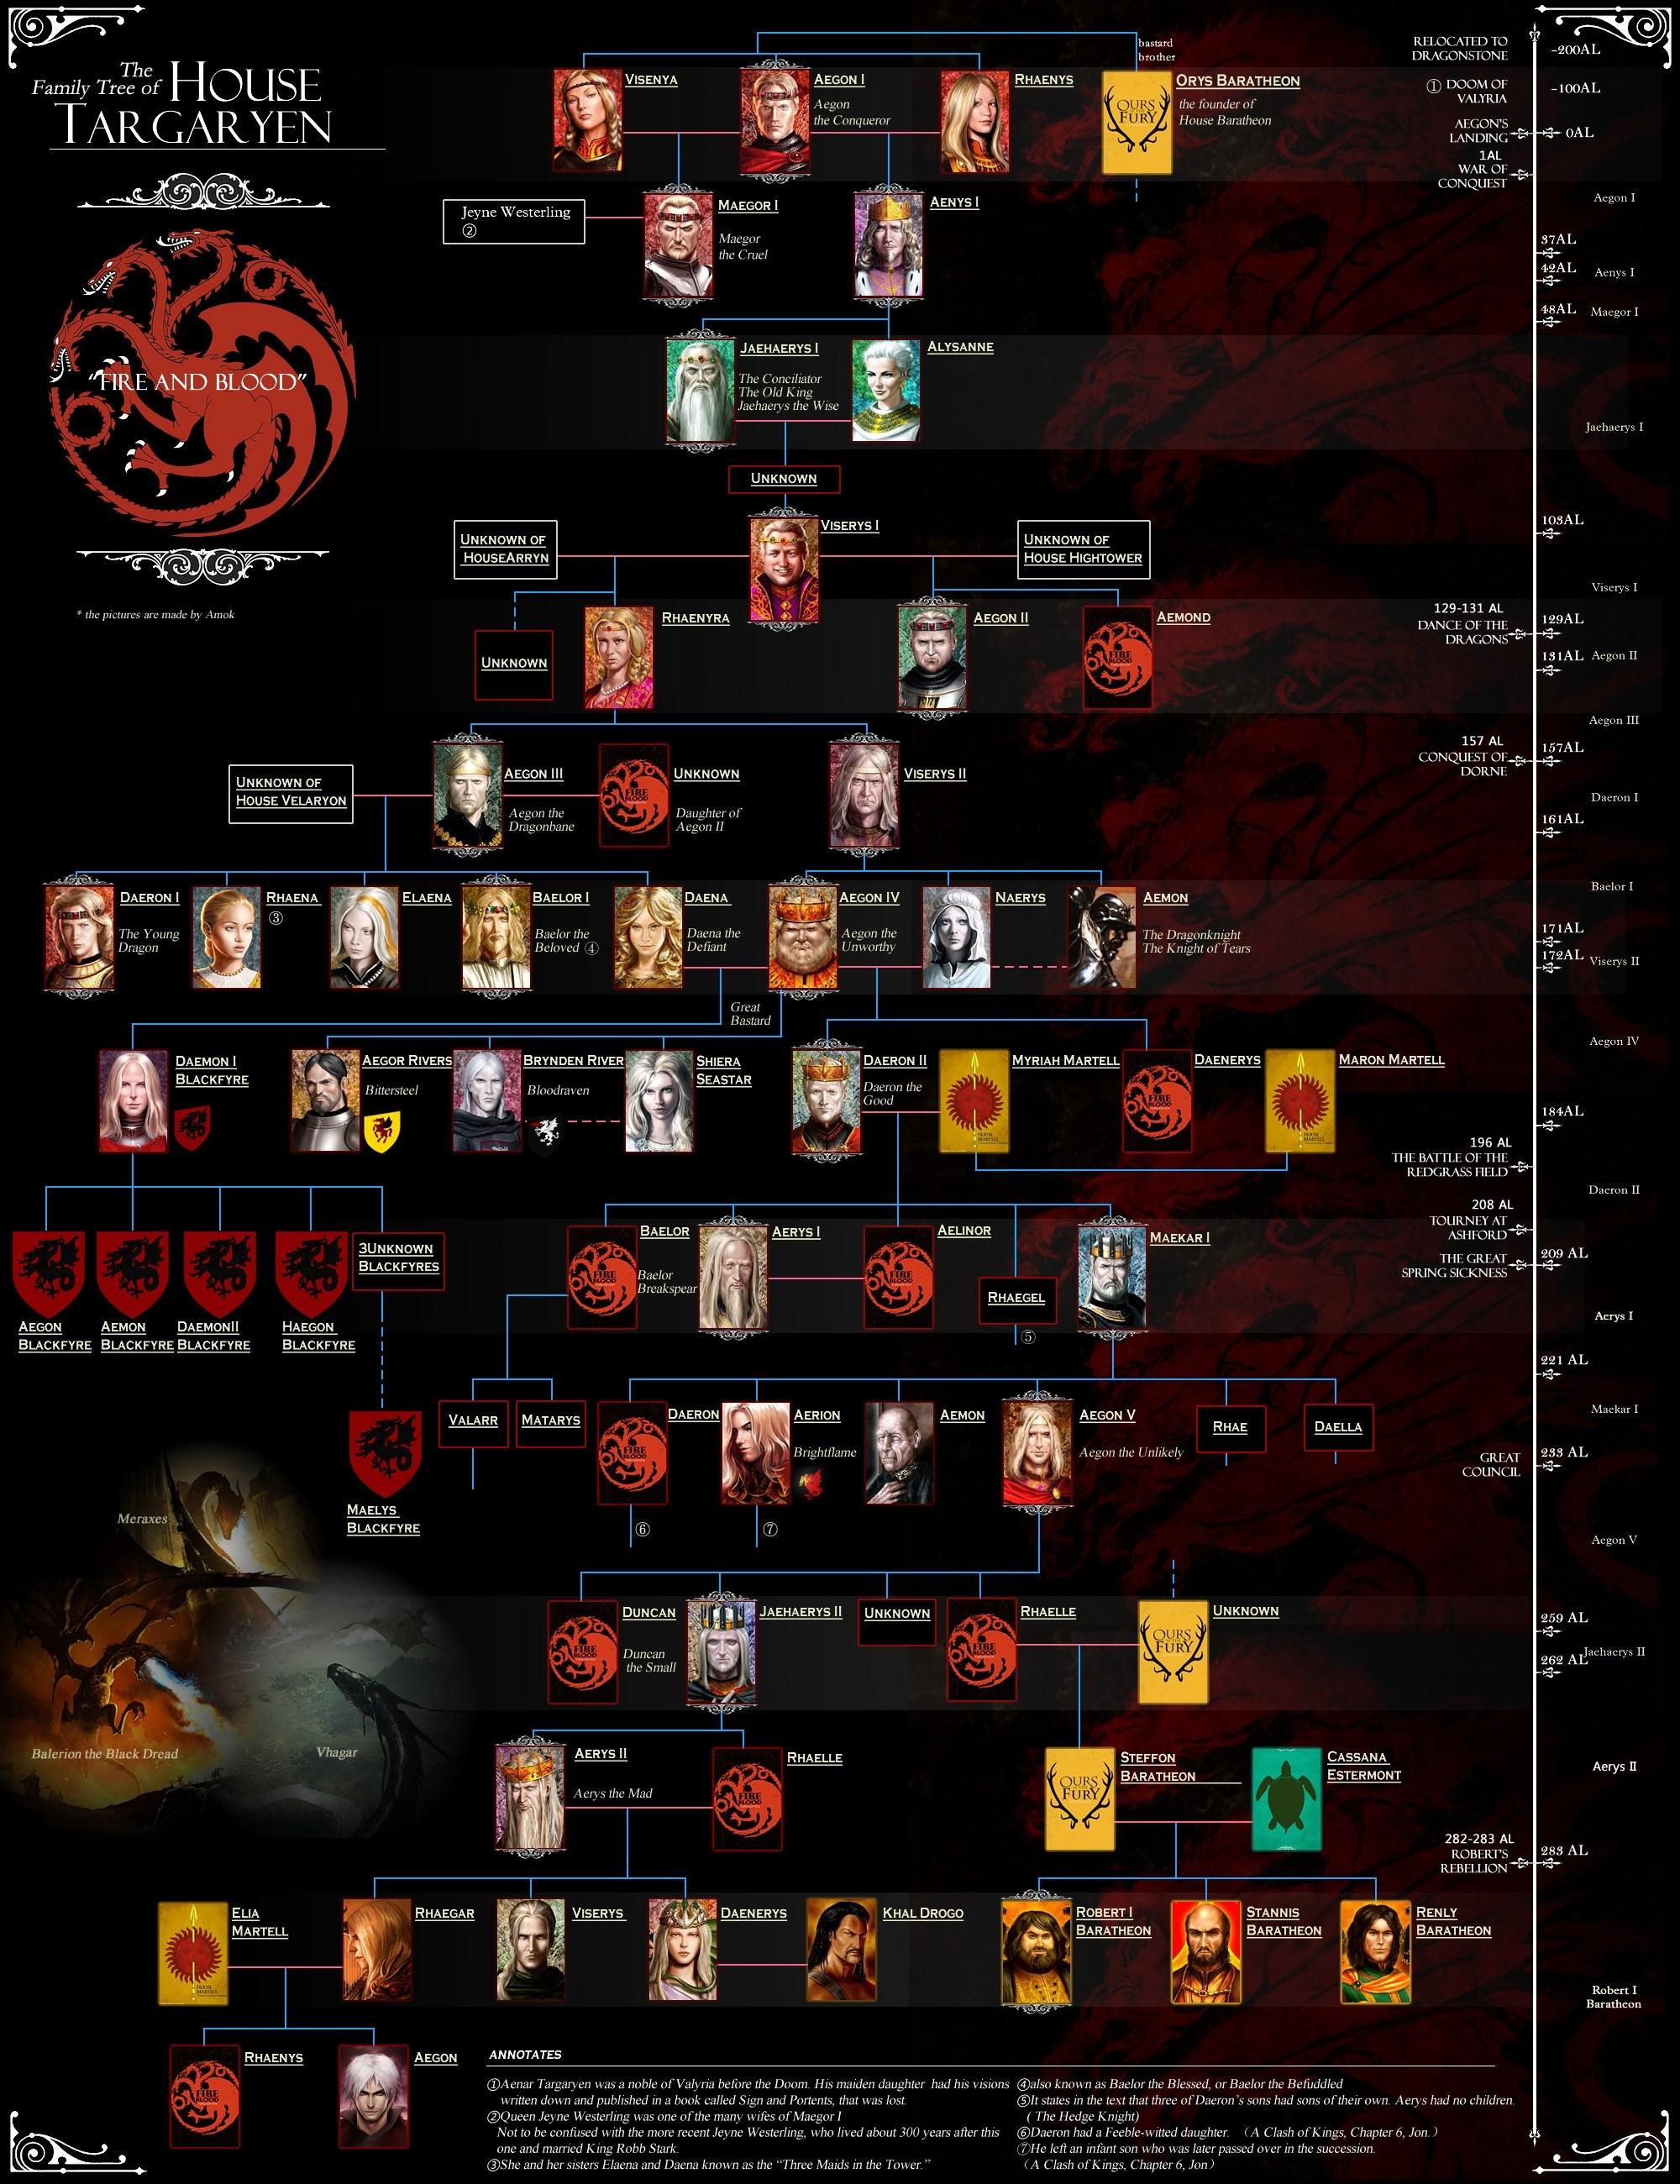 House_Targaryen_Family_tree